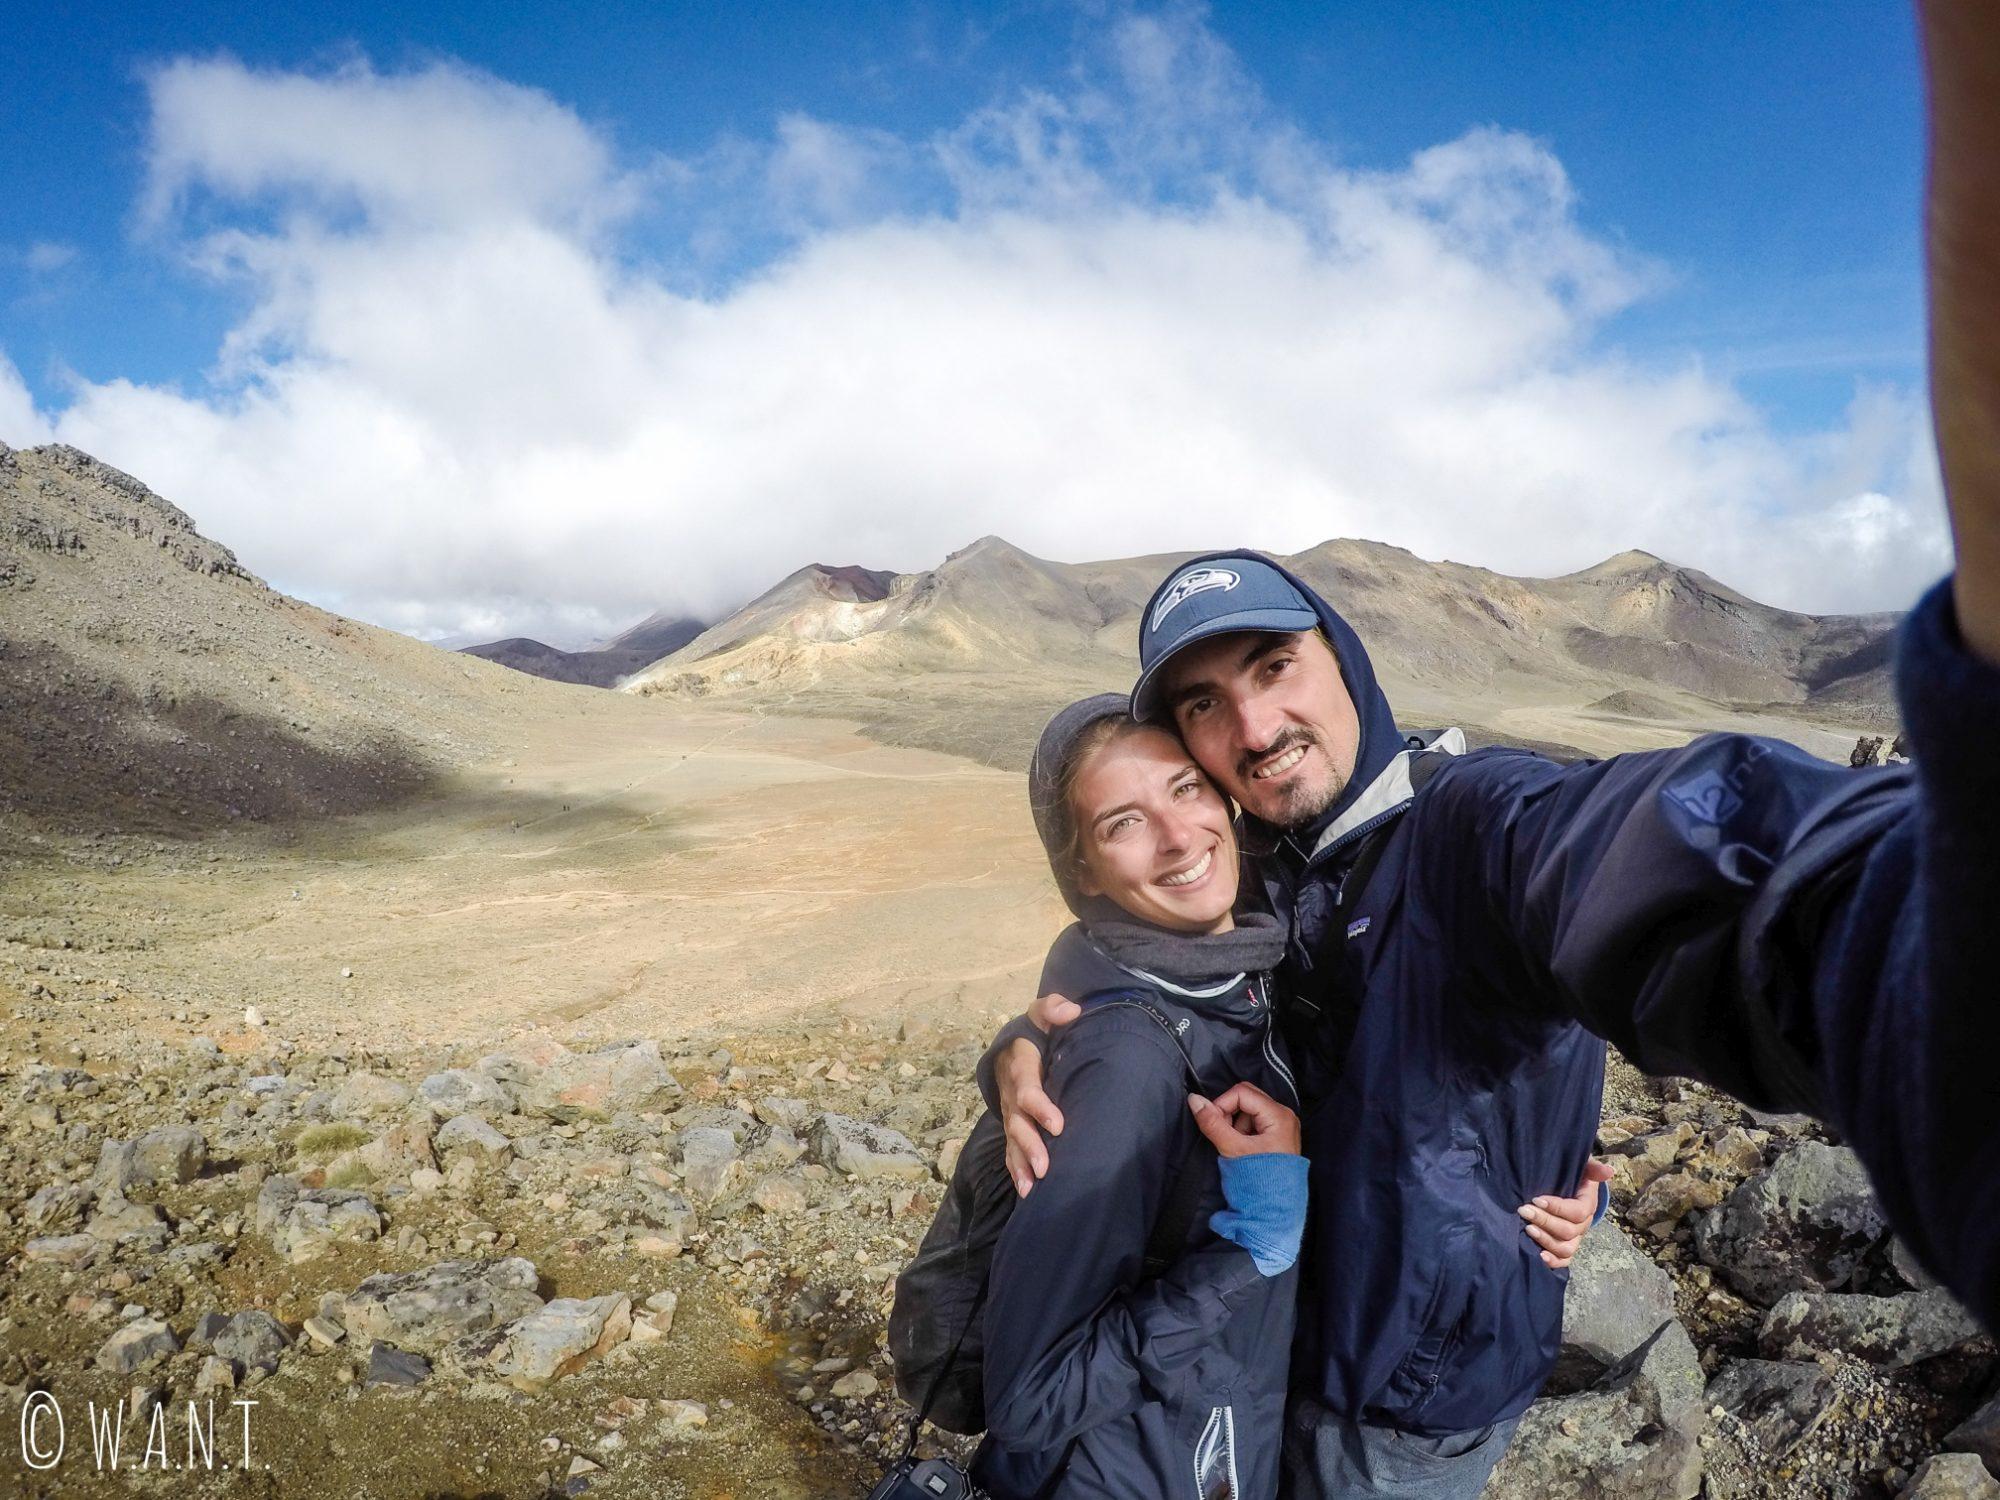 Selfie au cours de la randonnée « Tongariro Alpine Crossing » en Nouvelle-Zélande